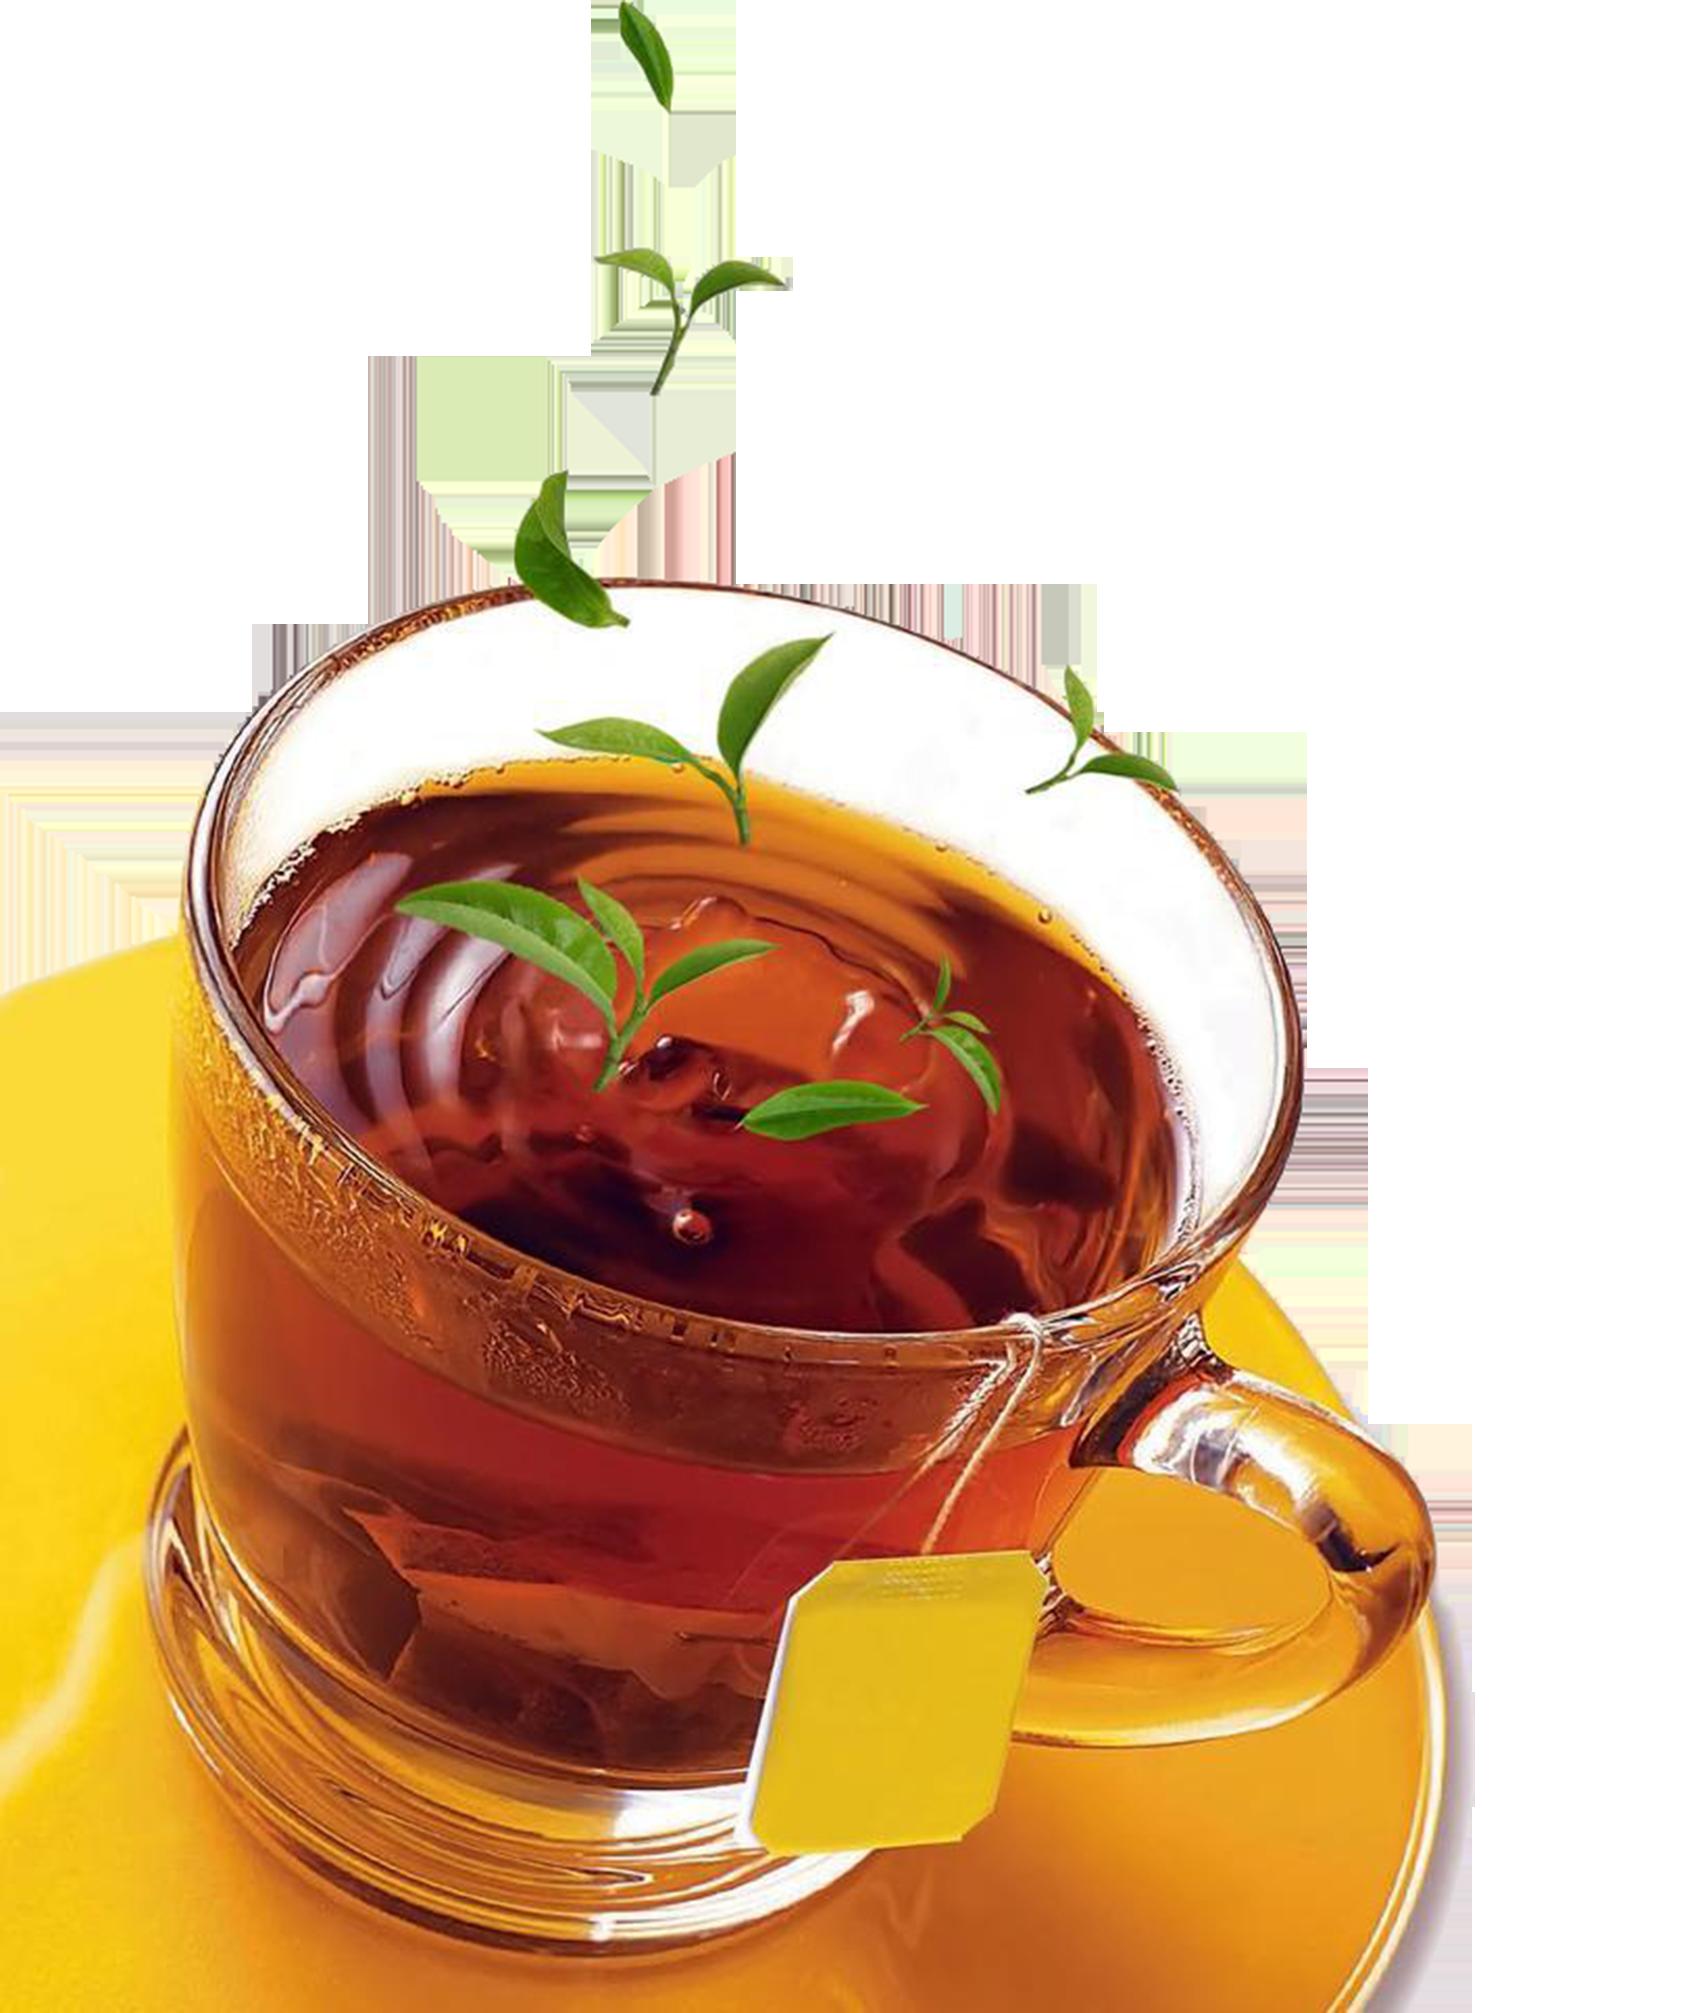 ดื่มชาช่วยลดเบาหวานได้จริงหรือไม่?